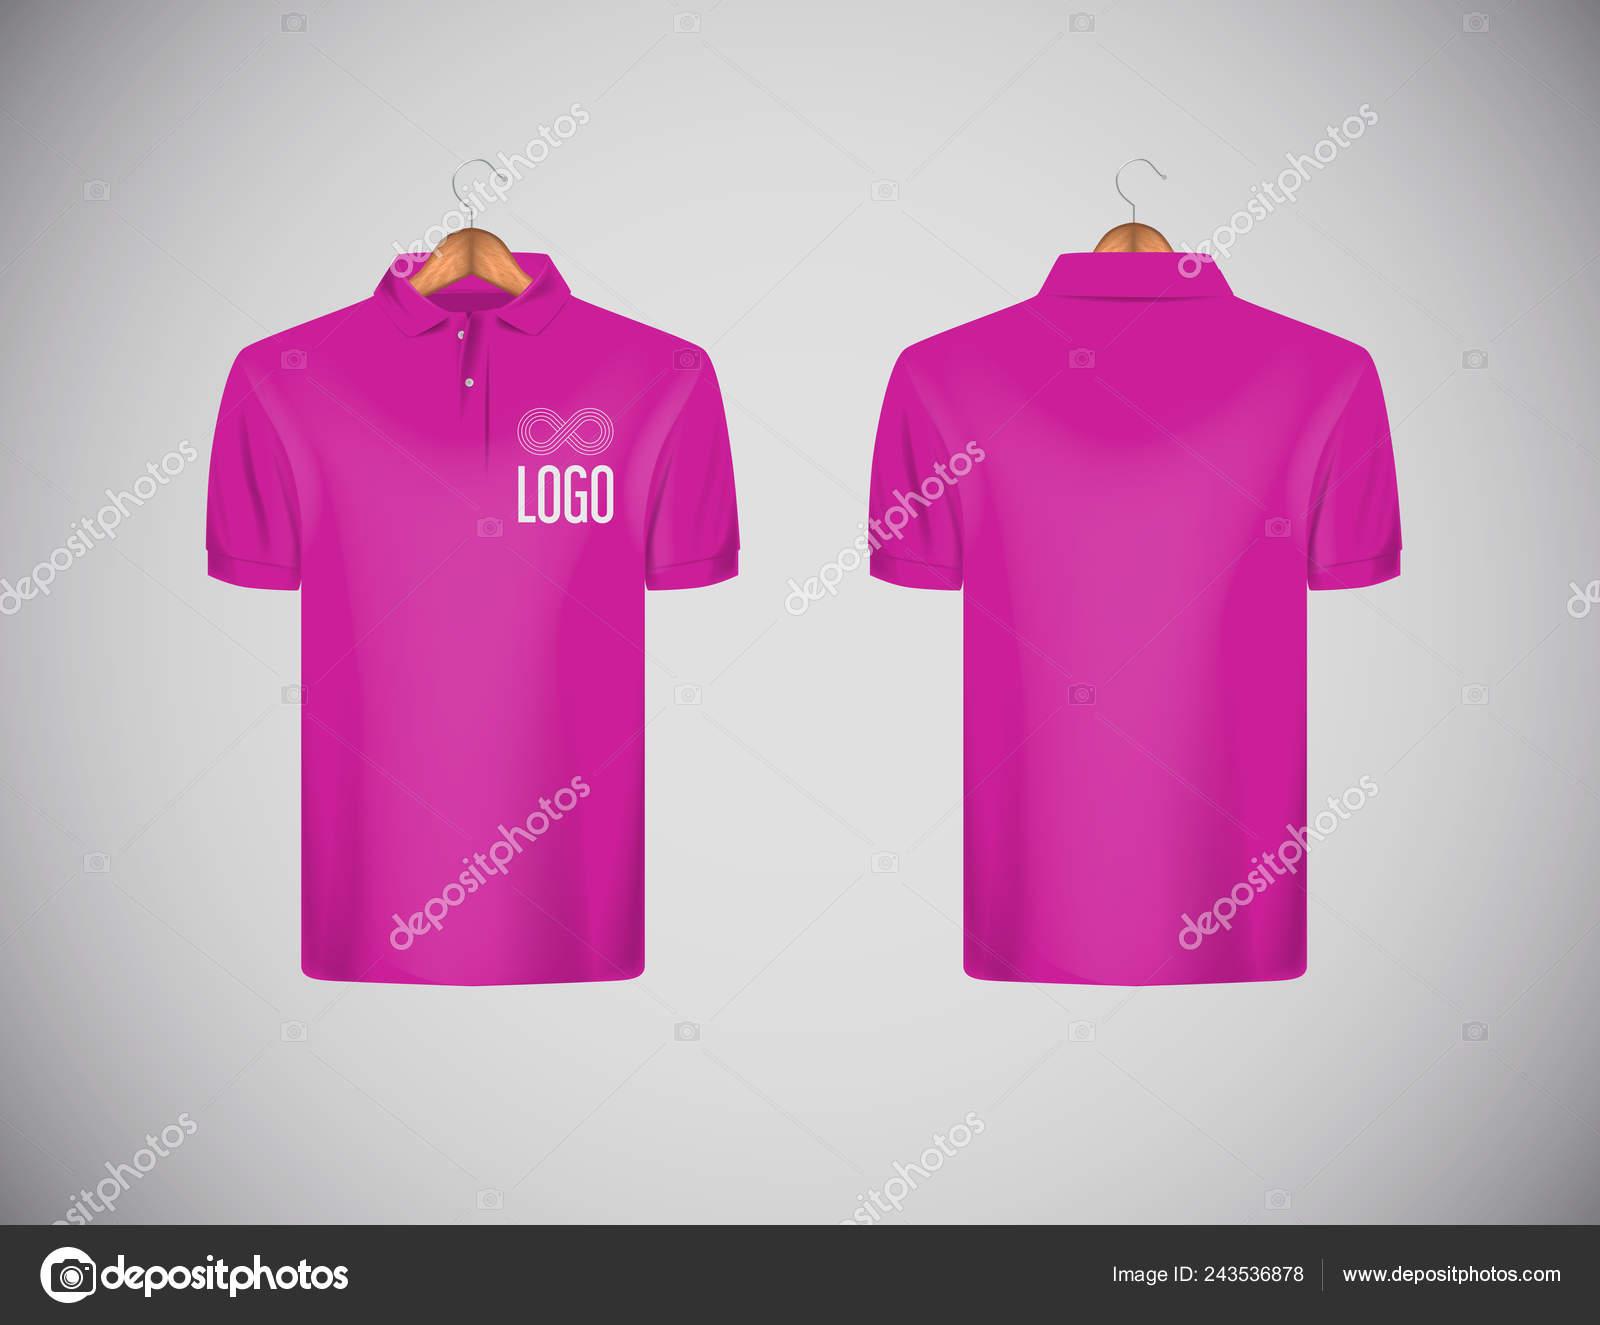 d0d2f00a1b Camisa de polo de los hombres delgado-guarnición de manga corta con logo  para publicidad. Camisa polo rosa con plantilla de diseño de maqueta  aislada de ...